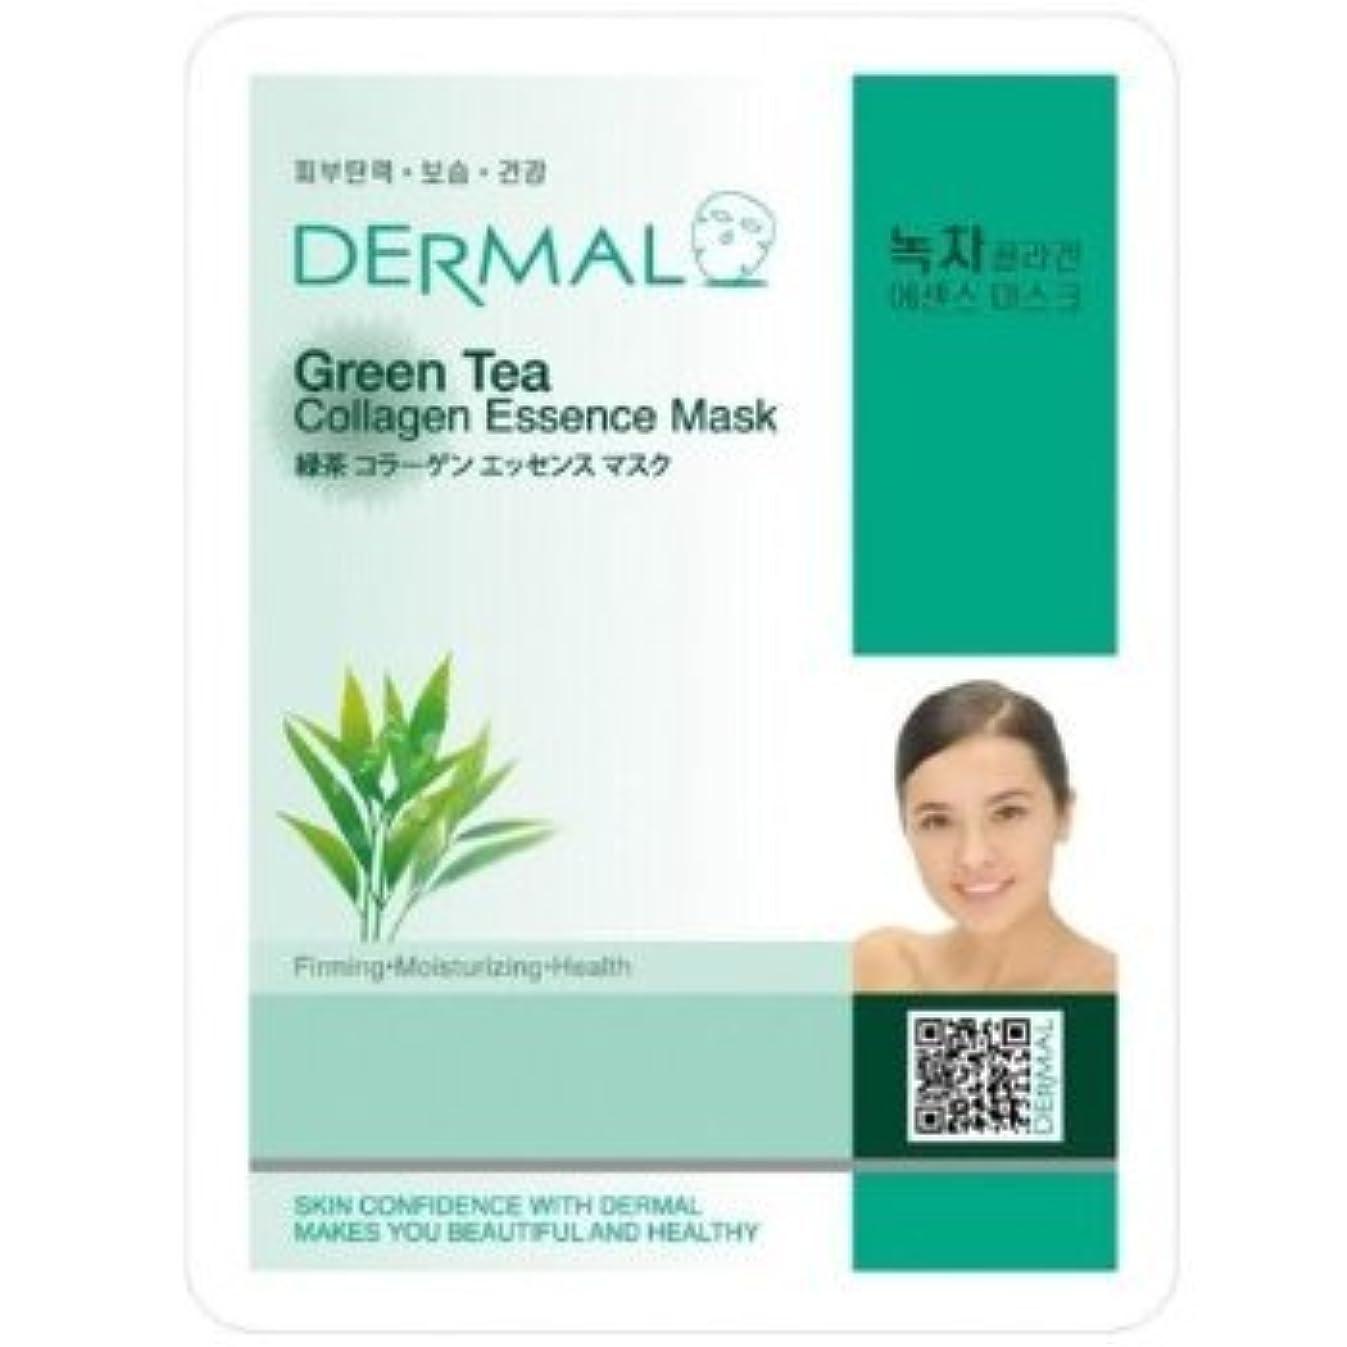 交換可能効能絶対にDermal Korea Collagen Essence Full Face Facial Mask Sheet - Green tea (100 pcs, 1box)